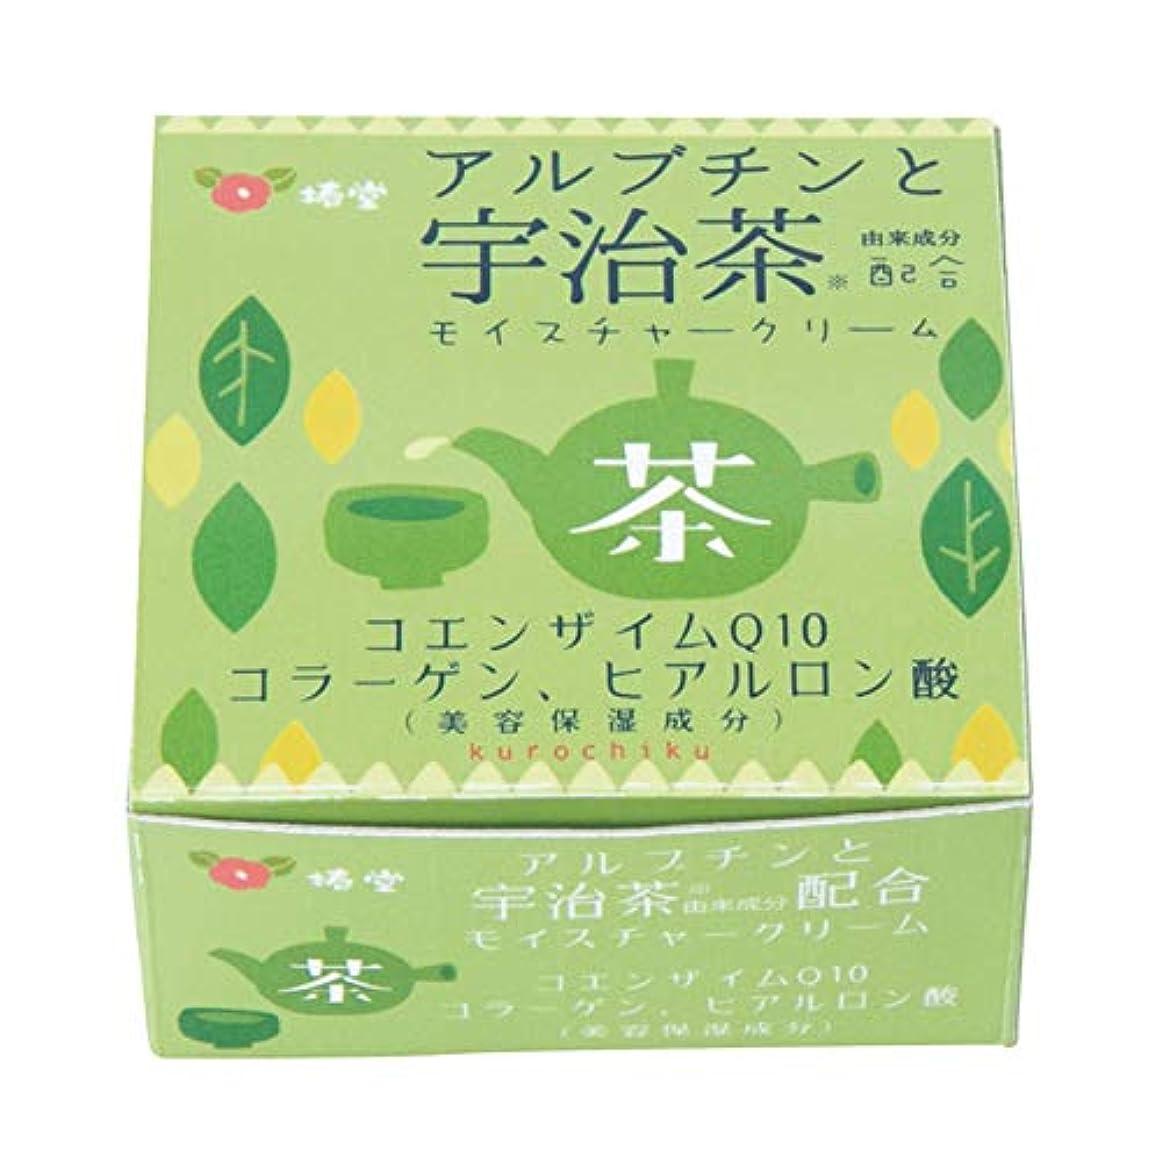 仕方中で効果的椿堂 宇治茶モイスチャークリーム (アルブチンと宇治茶) 京都くろちく